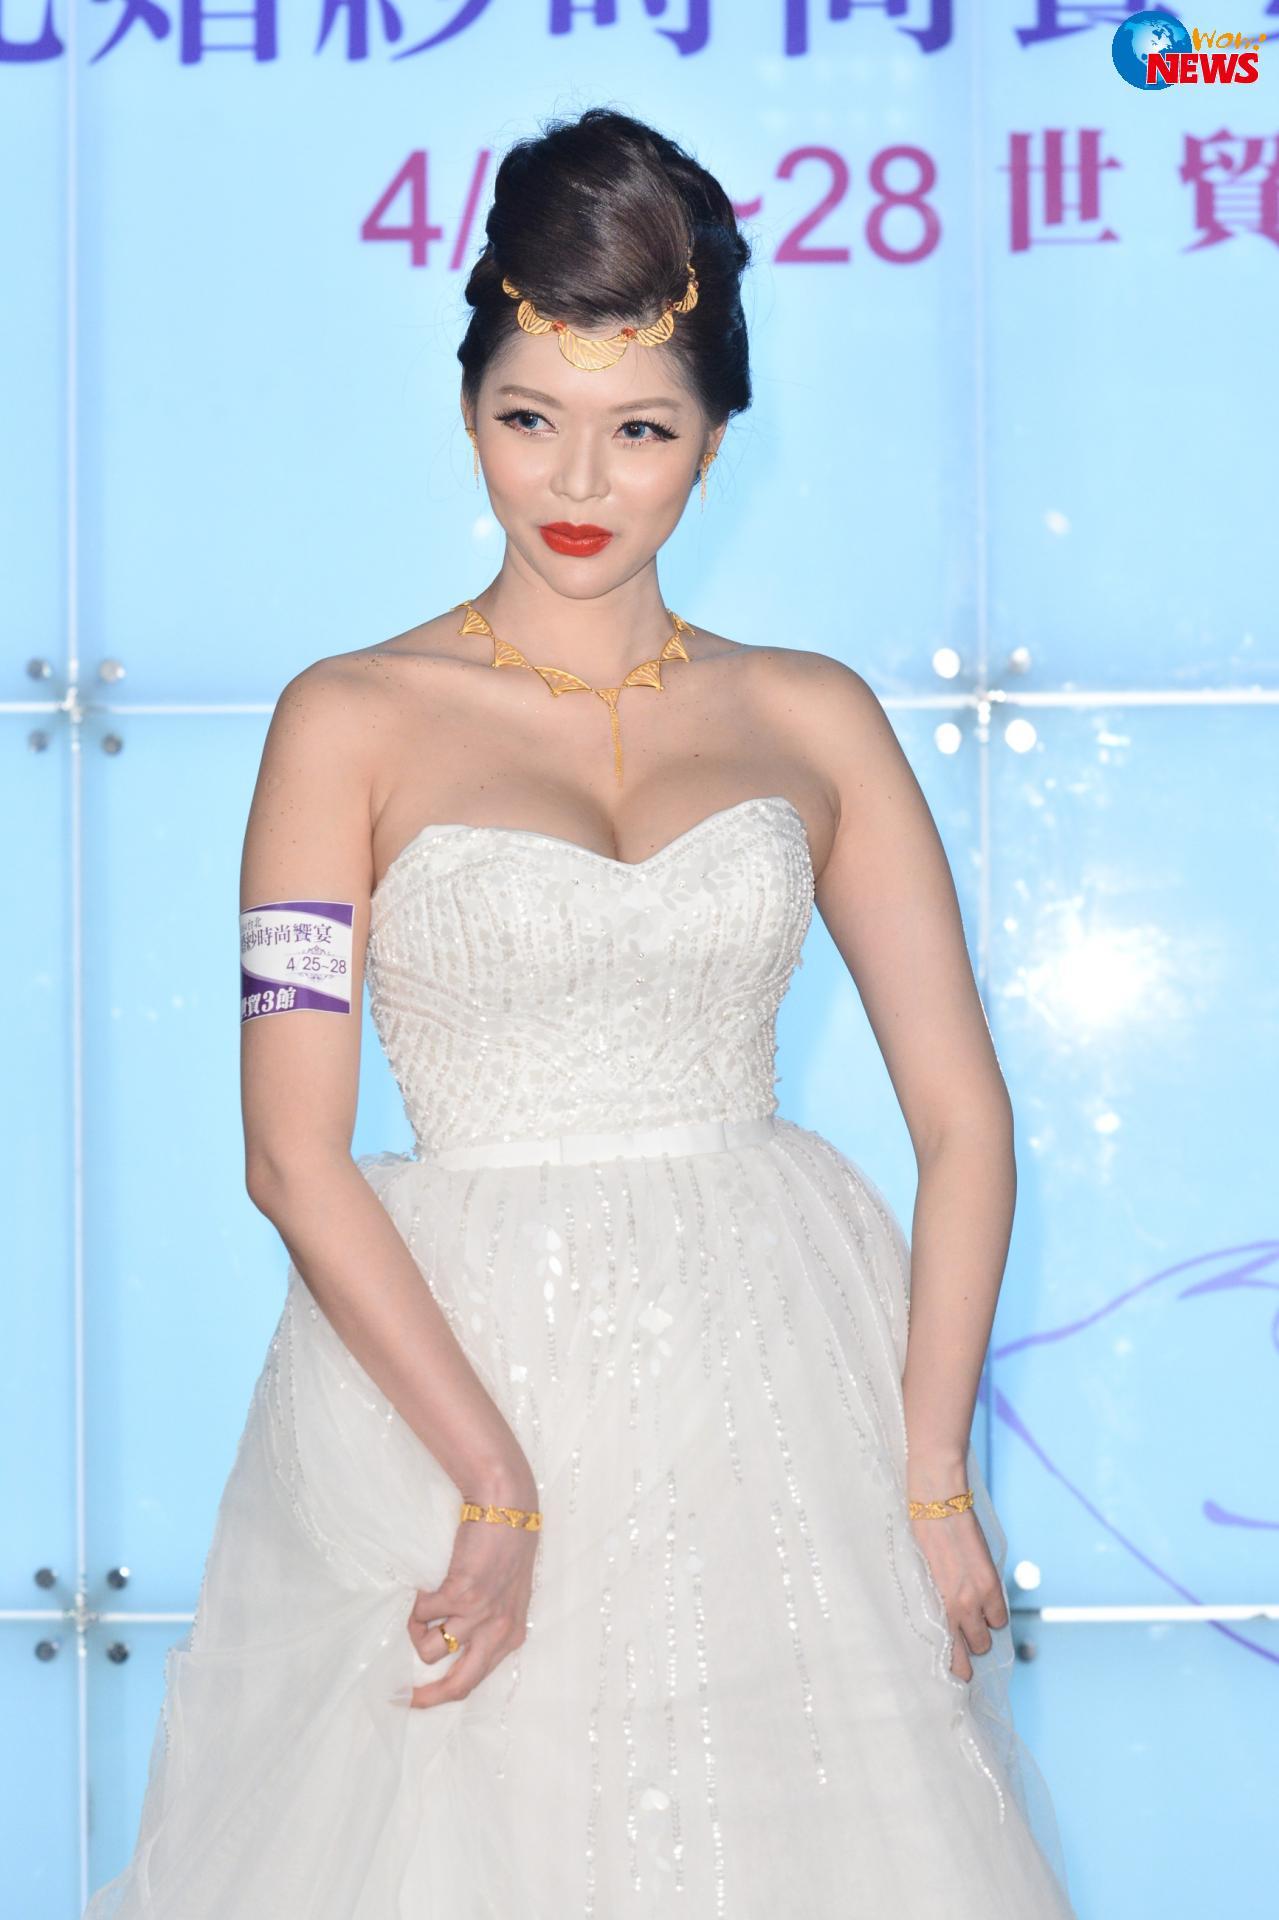 殷琦化身百萬金妝新娘 金爍爍為婚紗博覽會揭幕 | Wow!NEWS新聞網